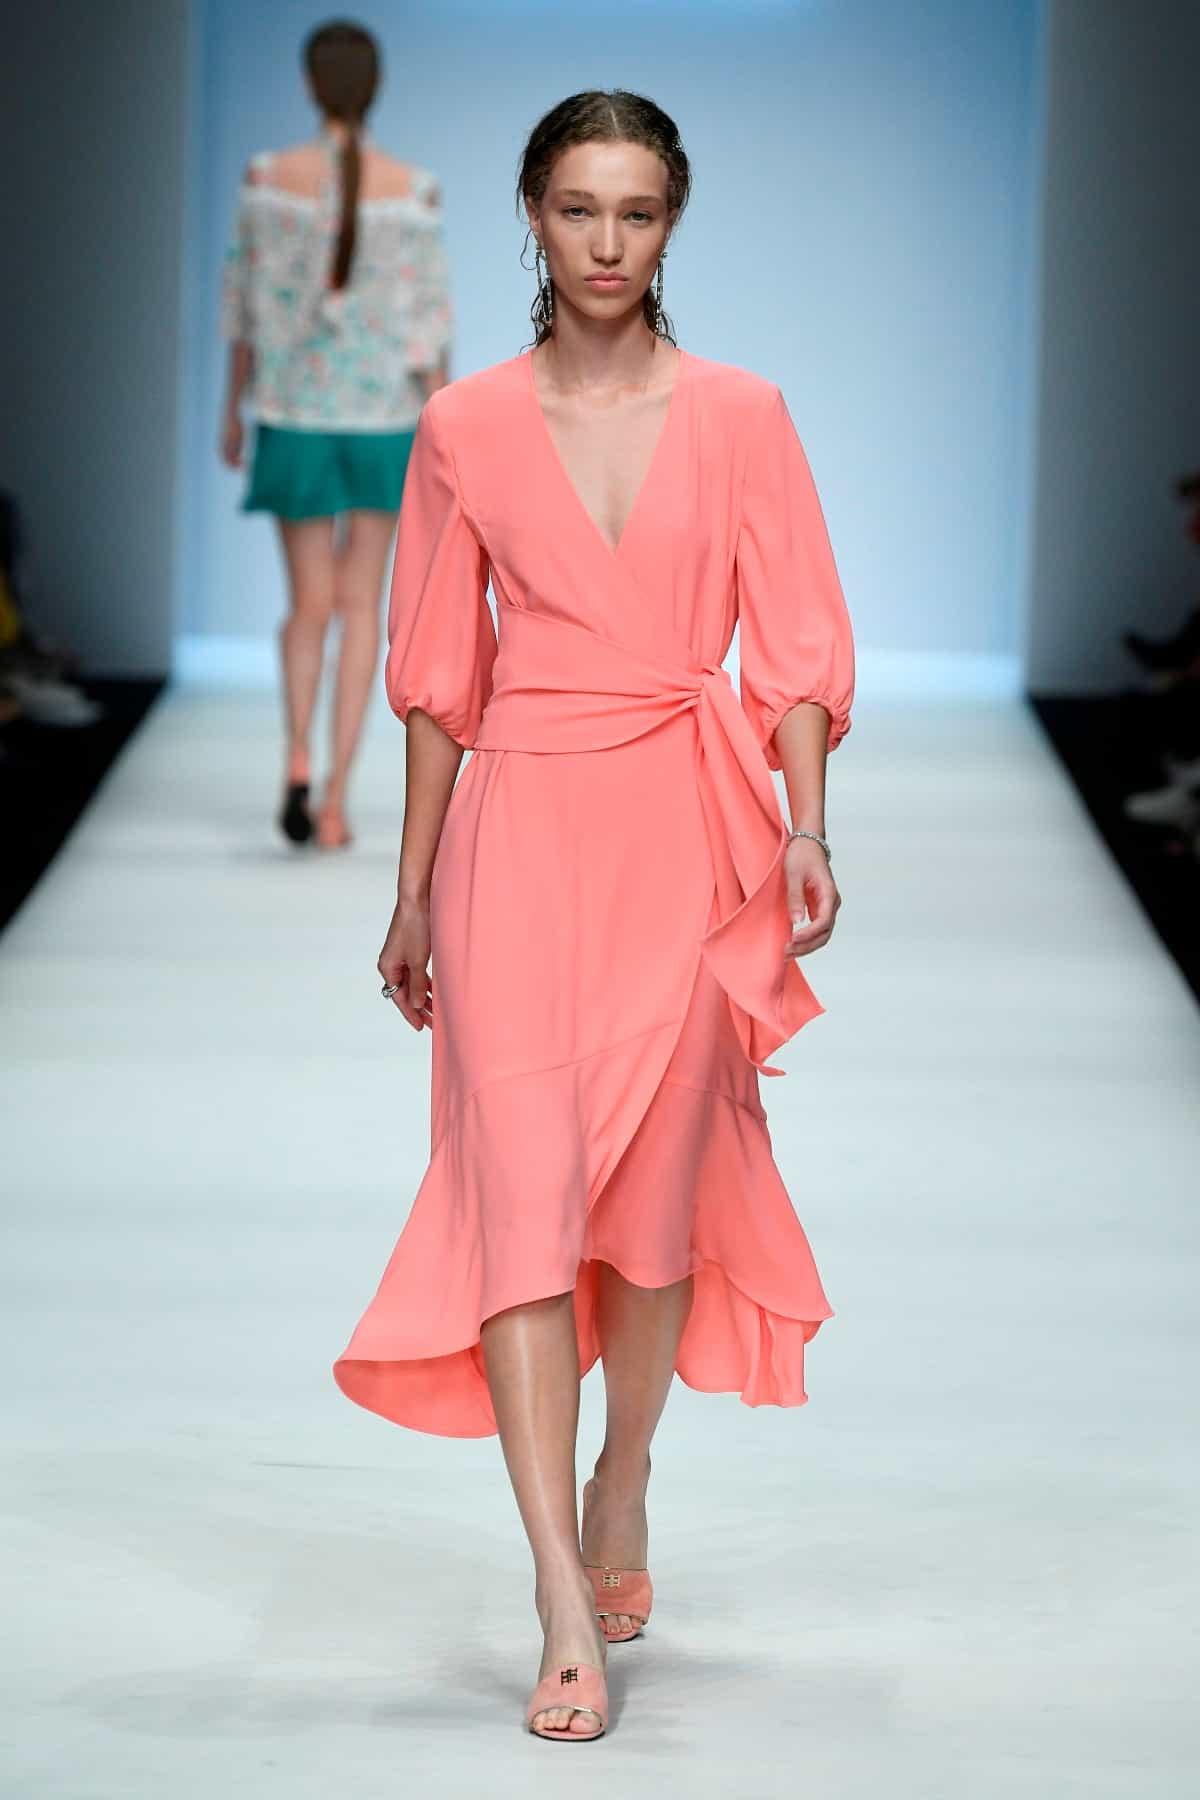 Mode von Riani Kollektion Frühjahr-Sommer 2020 zur Fashion Week Berlin im Juli 2019 - 4